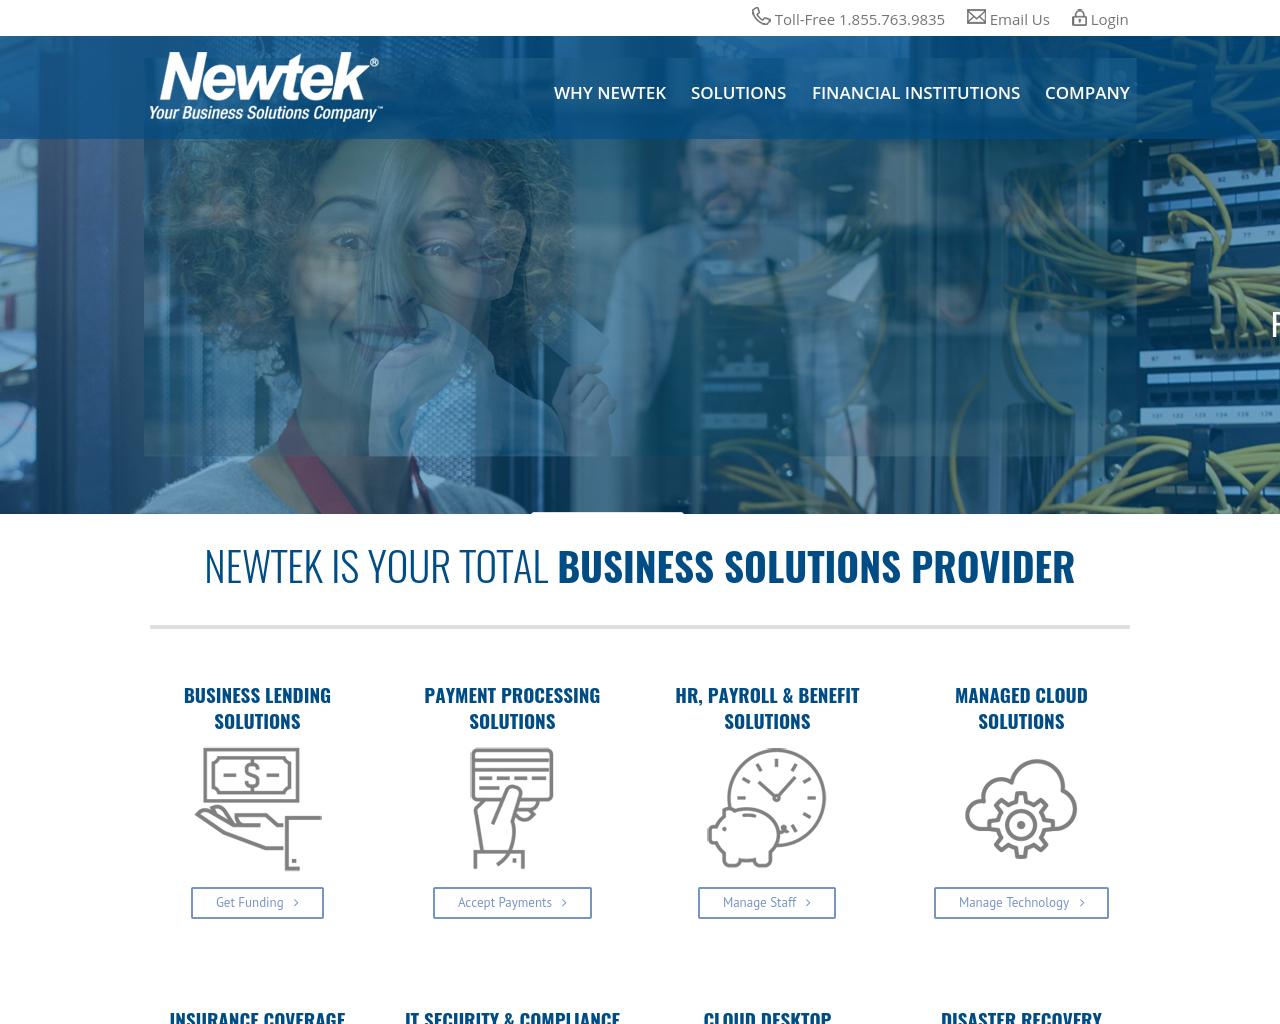 Newtek-Advertising-Reviews-Pricing